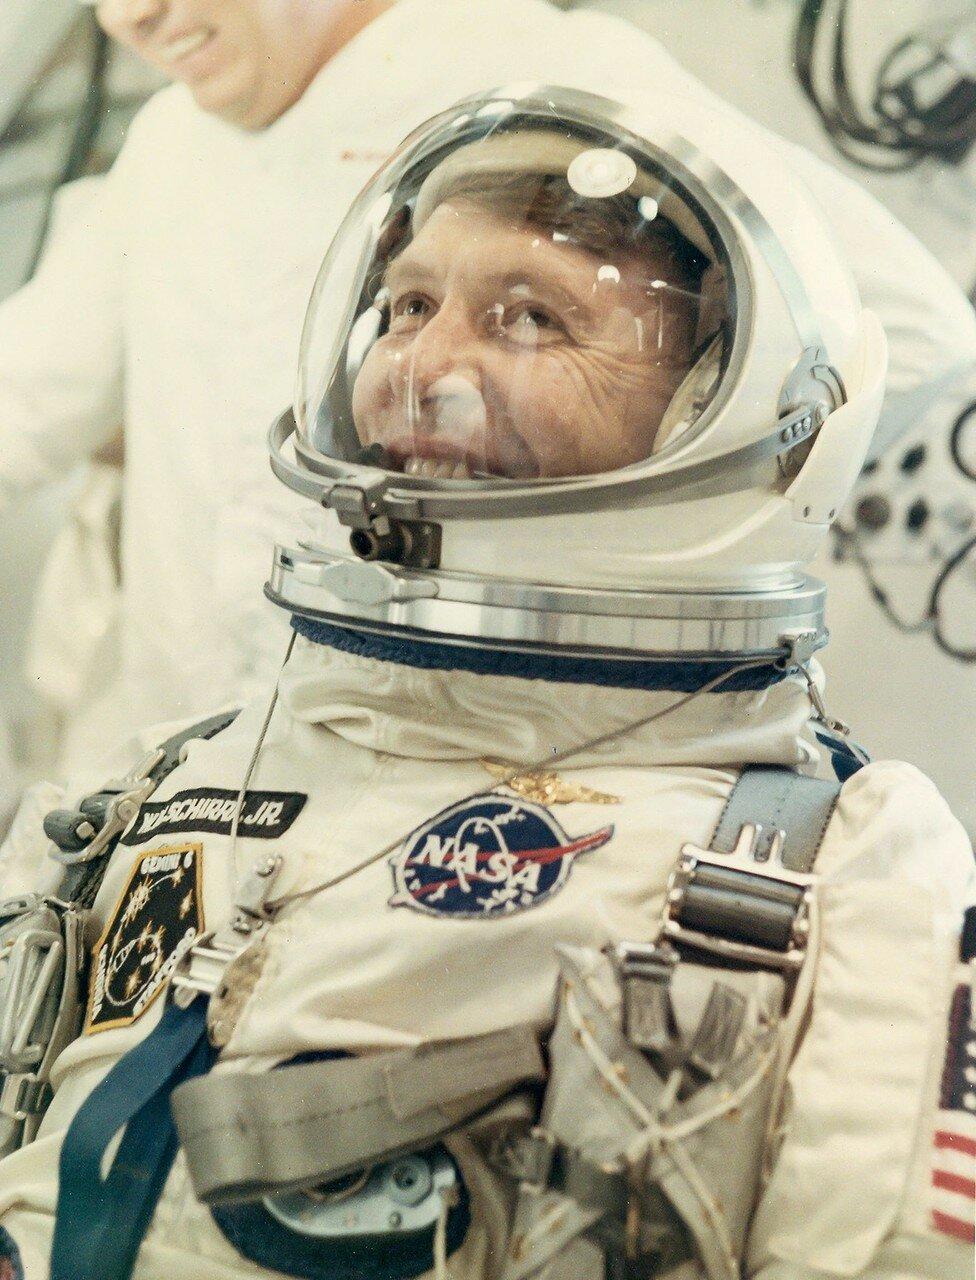 1965, декабрь. Астронавт Уолтер Ширра во время обратного отсчета. Джемини-6A. При первой попытке старта, компьютер выключил двигатели ракеты-носителя сразу же после включения. Вторая попытка старта состоялась через три дня